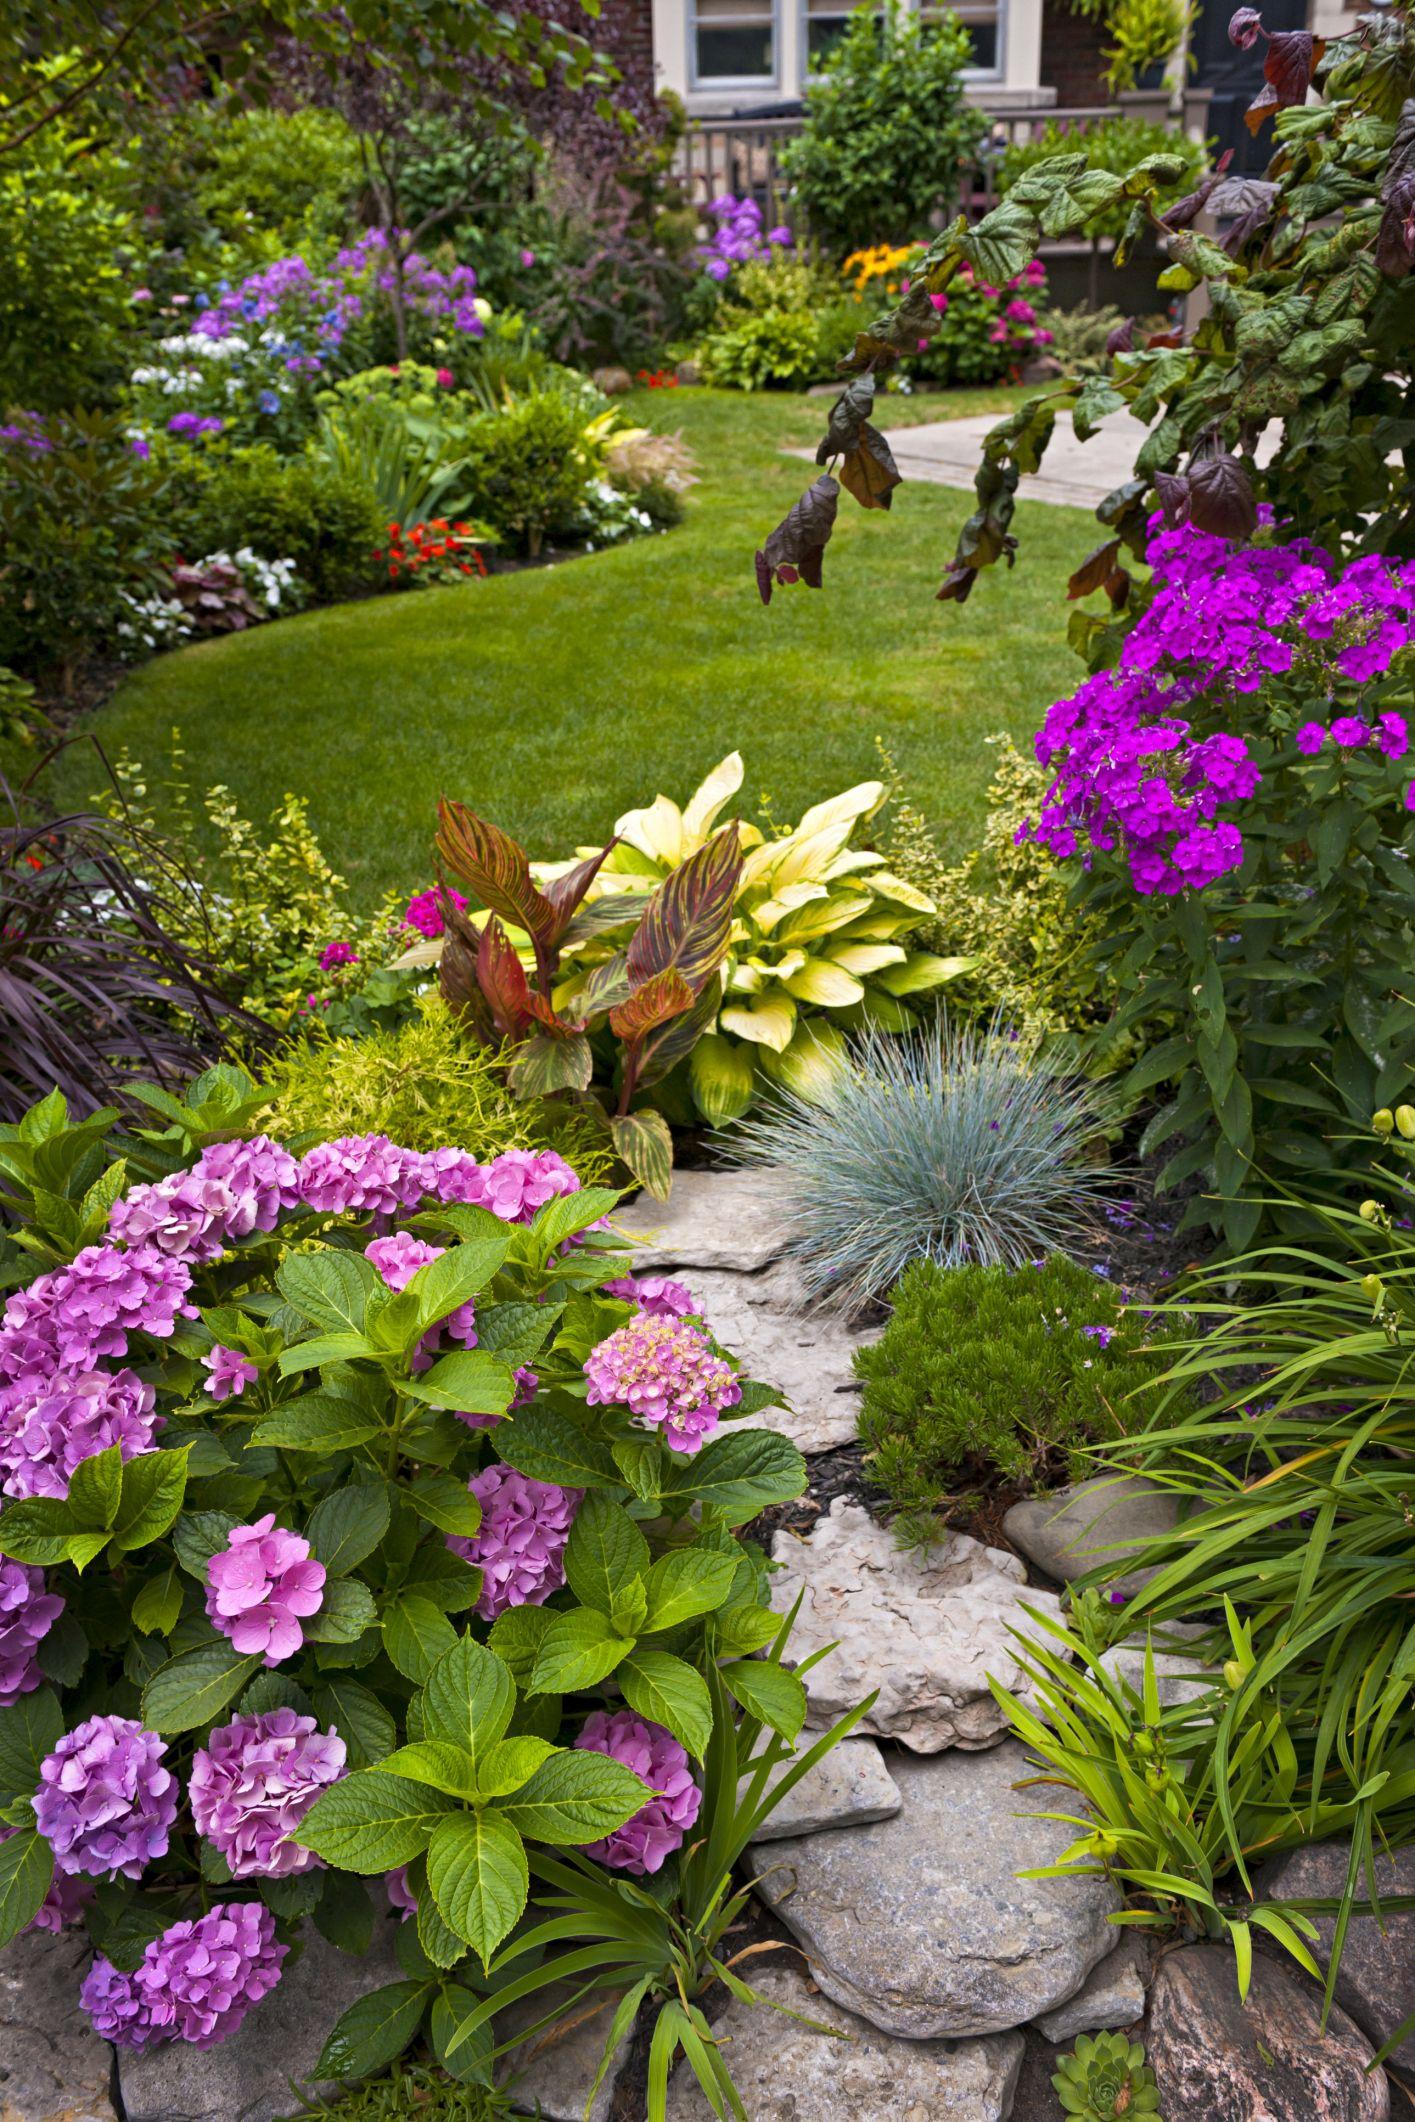 Fotos de dise o de jardines hogar total espacios for Diseno de jardines pequenos fotos